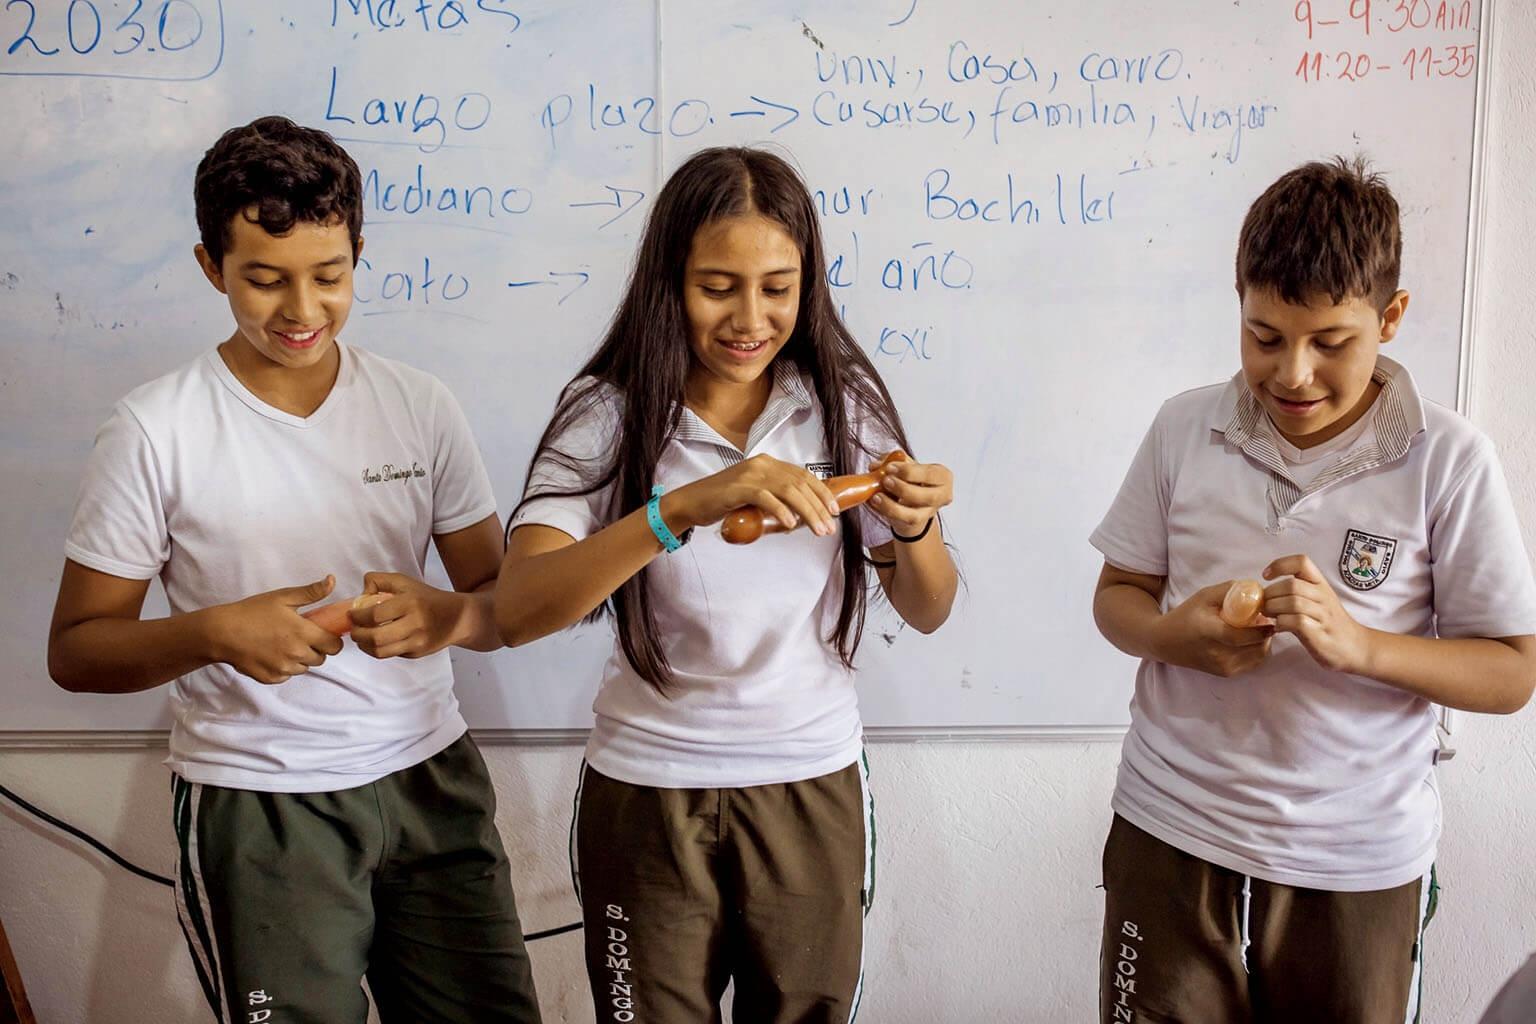 14歲的馬丁.瑞納、13歲的唐娜.阿瓦雷茲,以及13歲的安德雷斯.菲利浦.隆東,他們手忙腳亂地學習使用保險套。攝影: 克里斯欽.羅德里奎茲 CHRISTIAN RODRIGUEZ